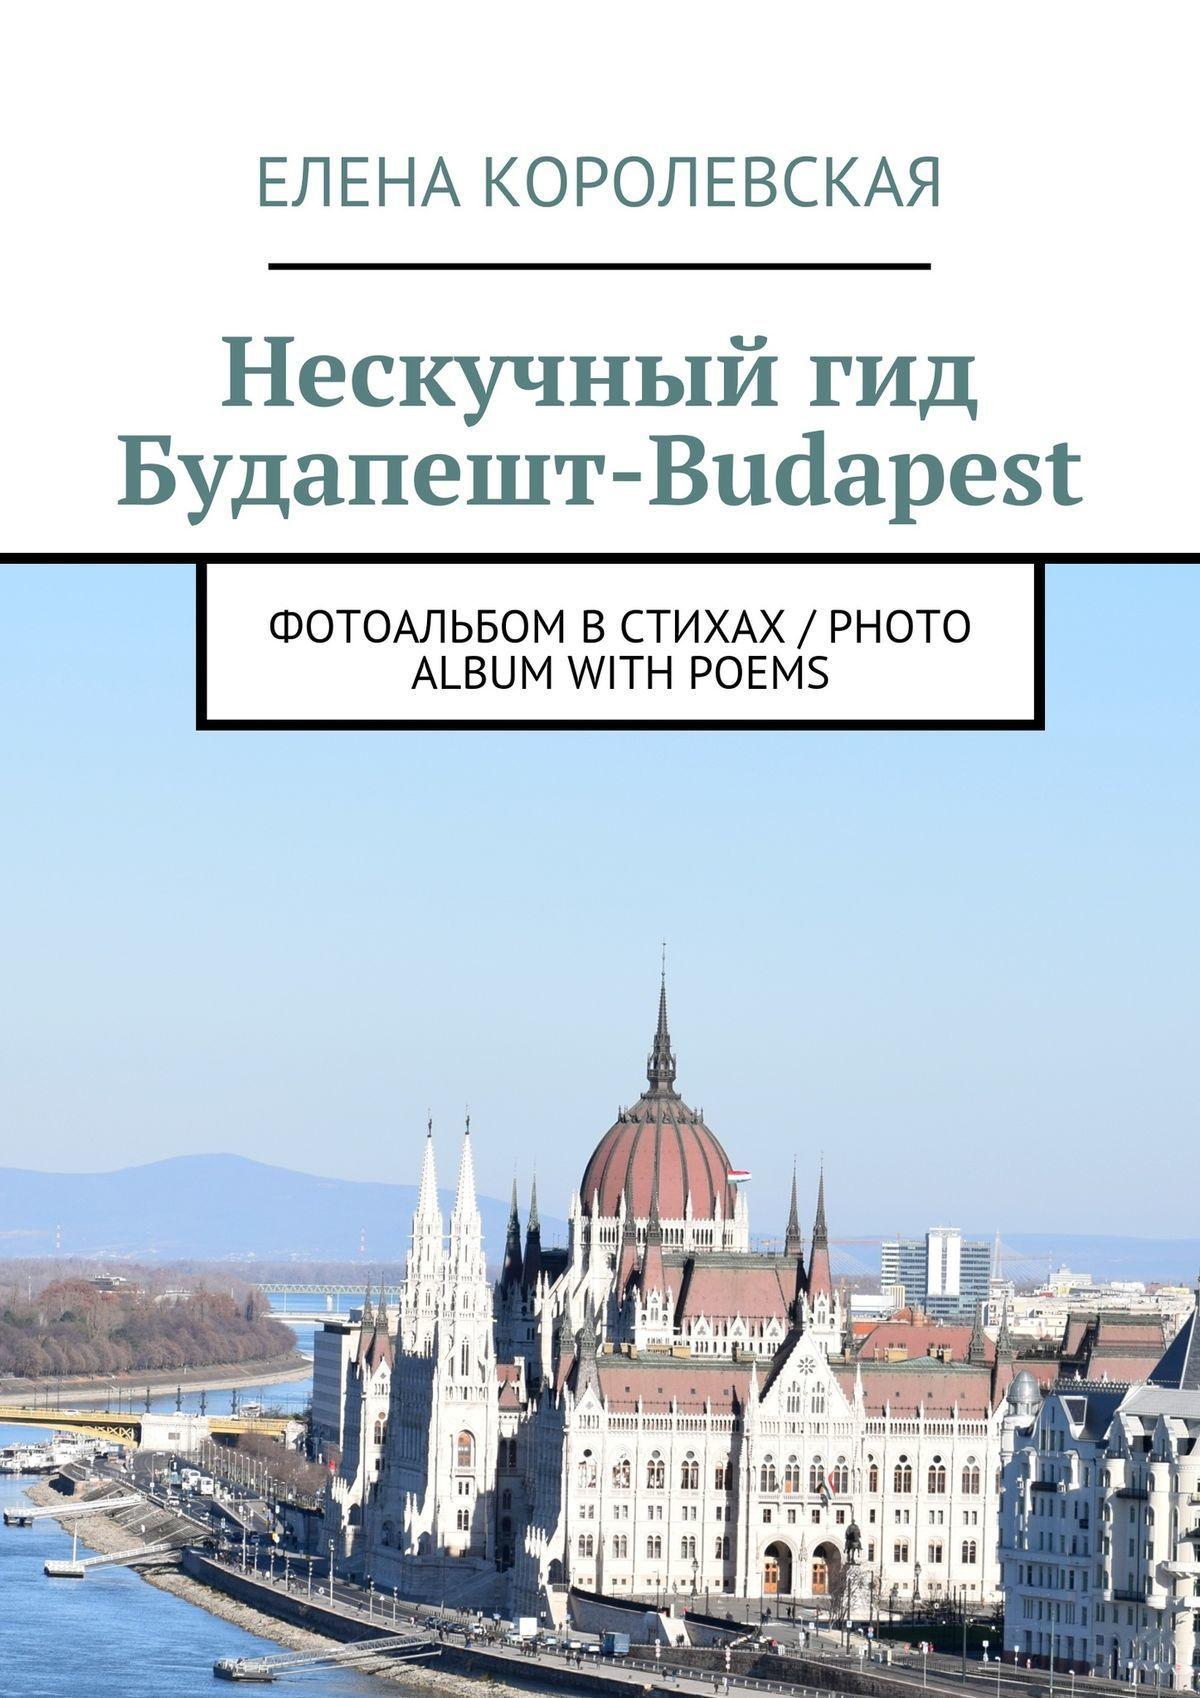 Елена Королевская - Нескучный гид Будапешт-Budapest. Фотоальбом встихах / Photo album with poems